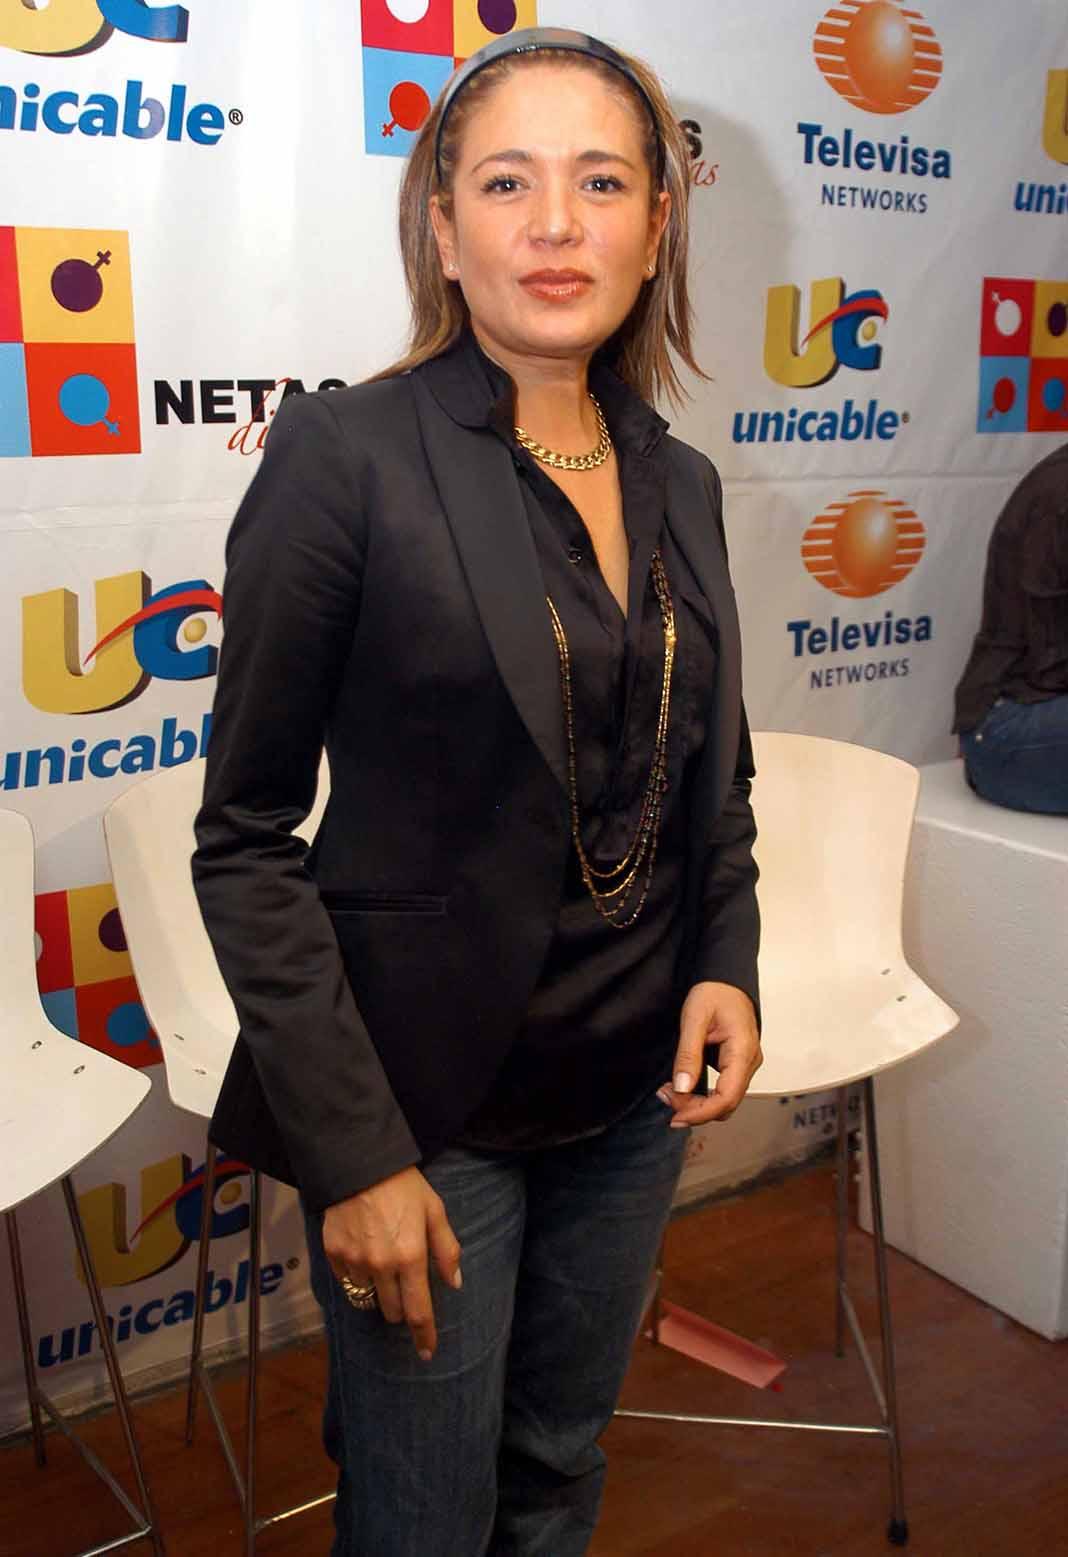 Yolanda Andrade no se retracta e insiste en tener fotos y video de su supuesta boda con Verónica